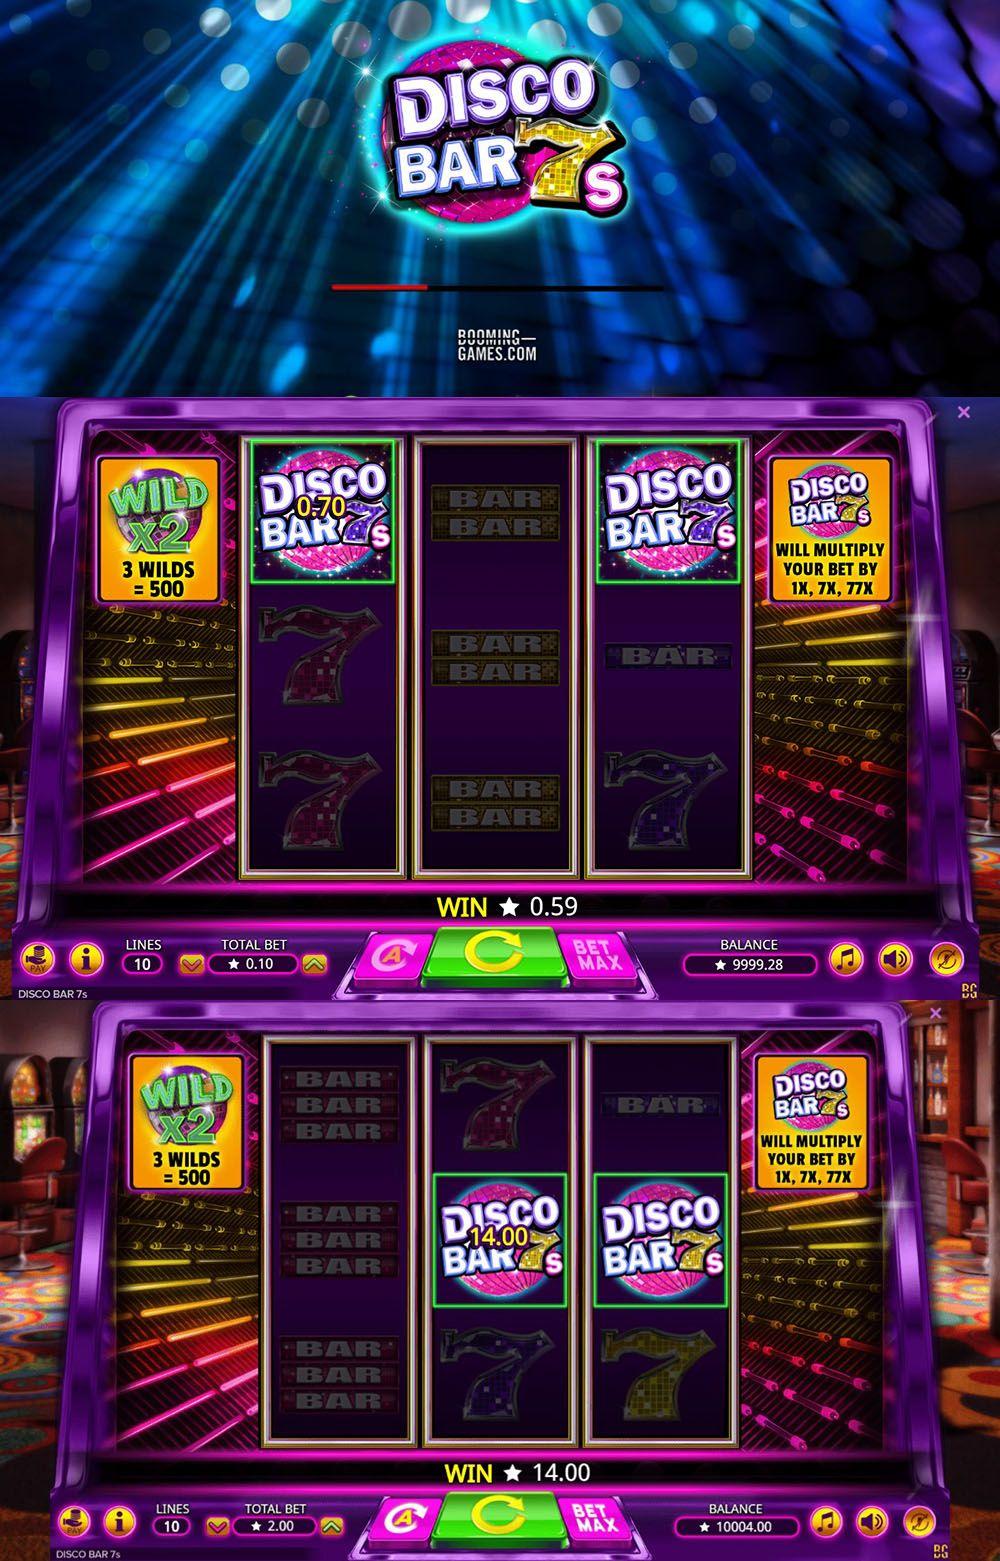 Играть в казино дискотека скачать софт для онлайн покера